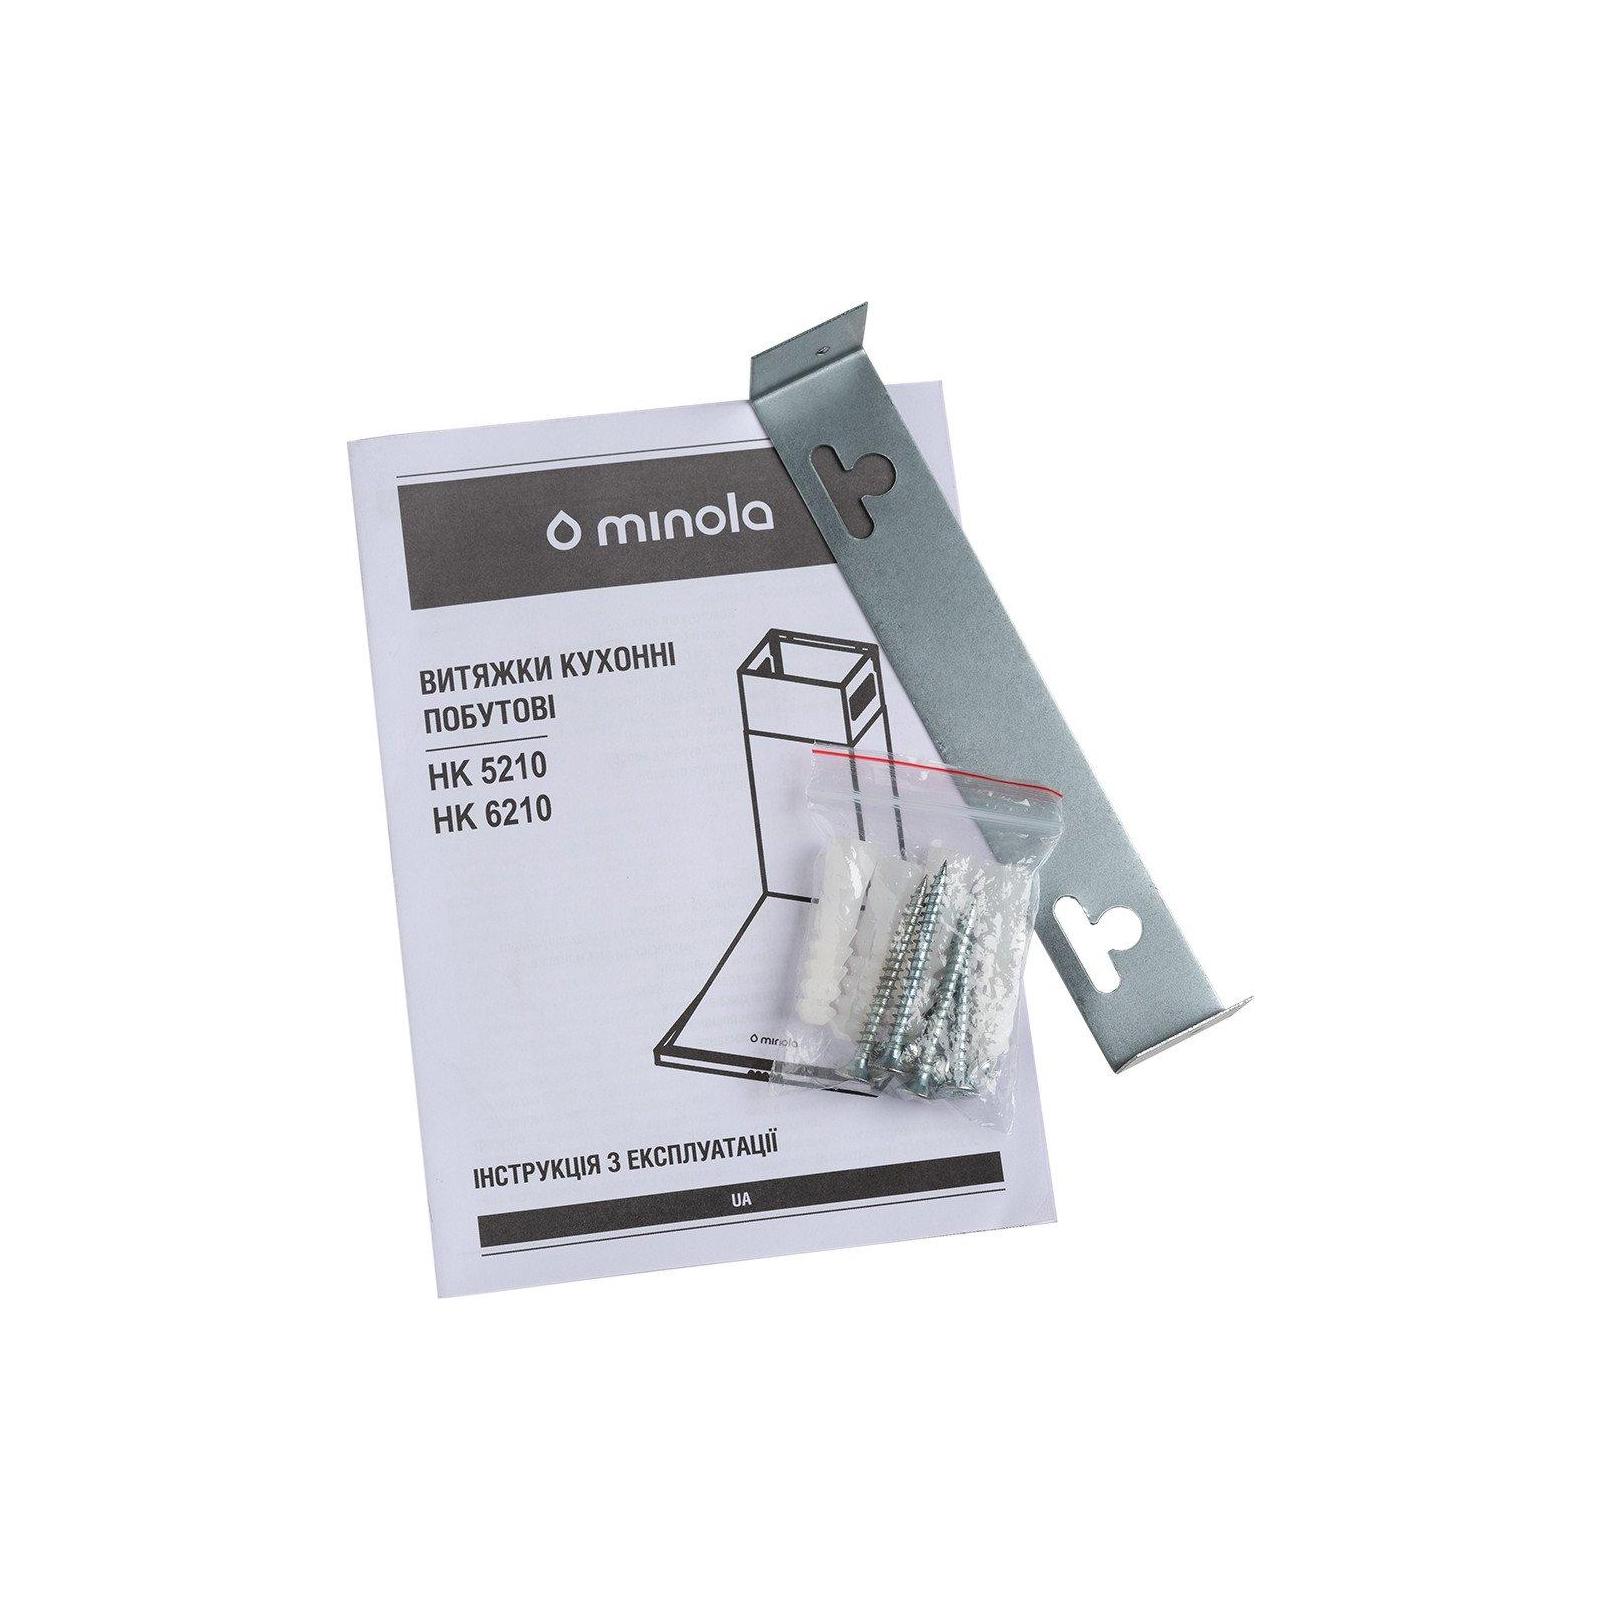 Вытяжка кухонная MINOLA HK 6210 WH 650 изображение 6